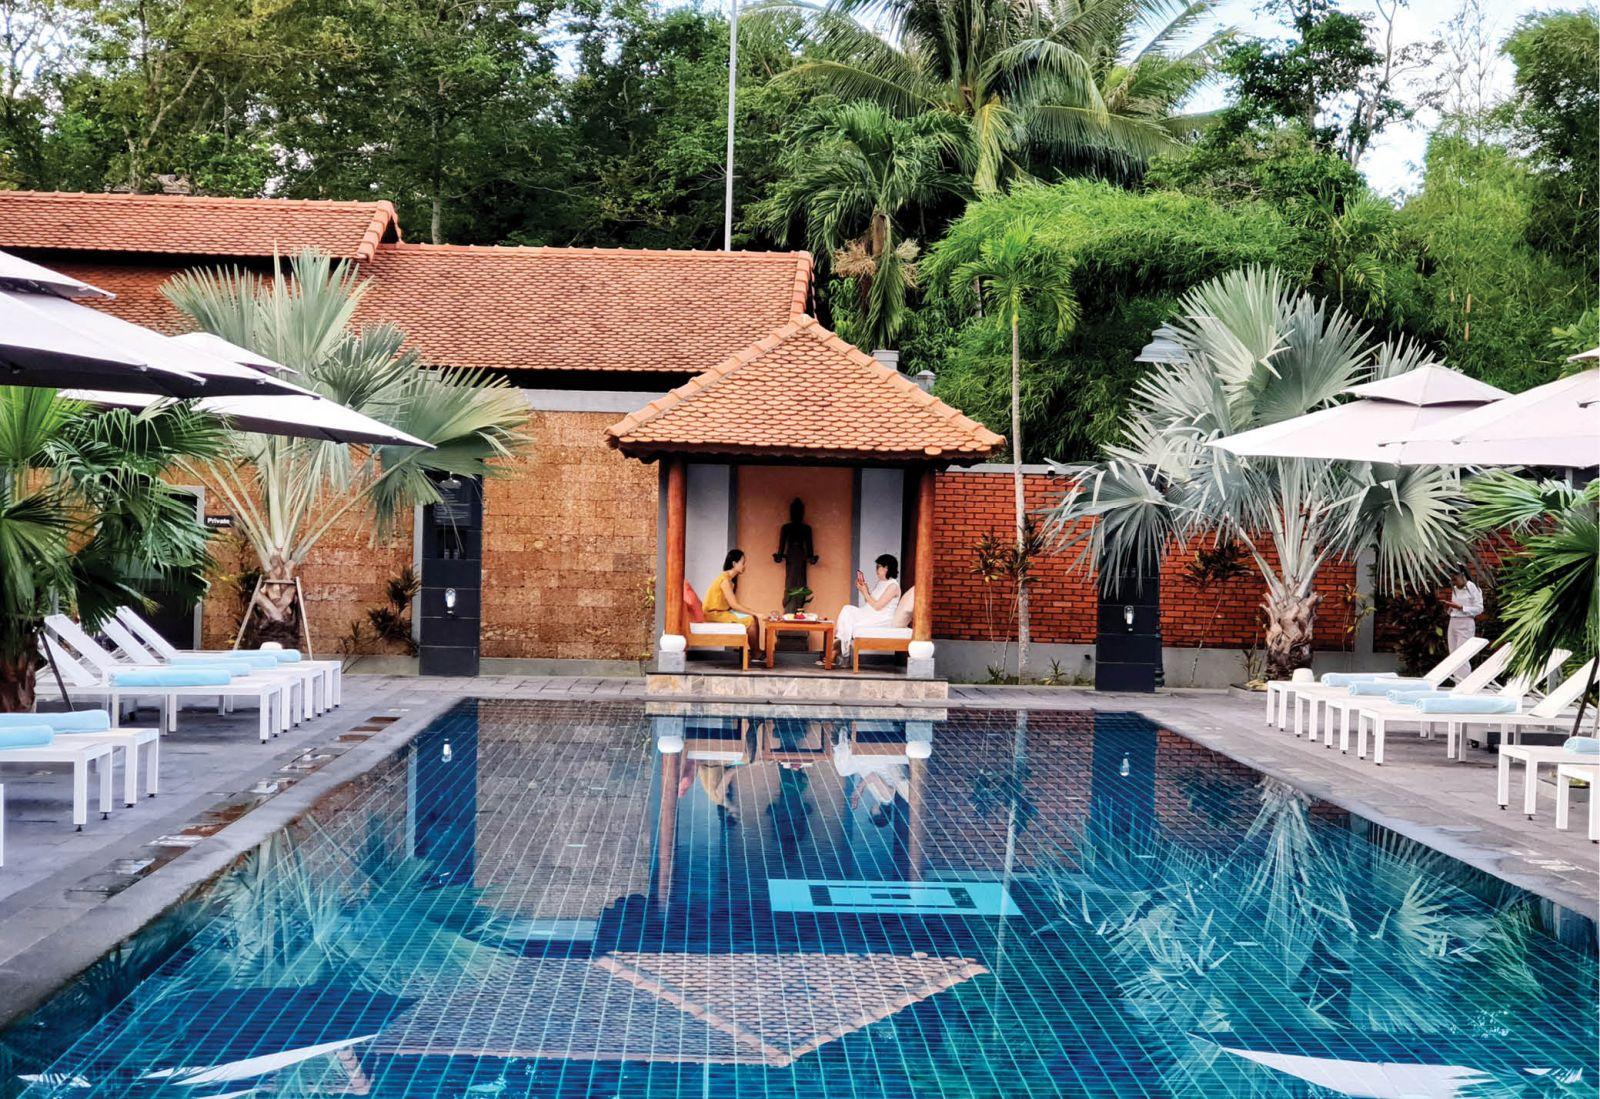 Thừa Thiên Huế: Nâng chuẩn chất lượng dịch vụ lưu trú